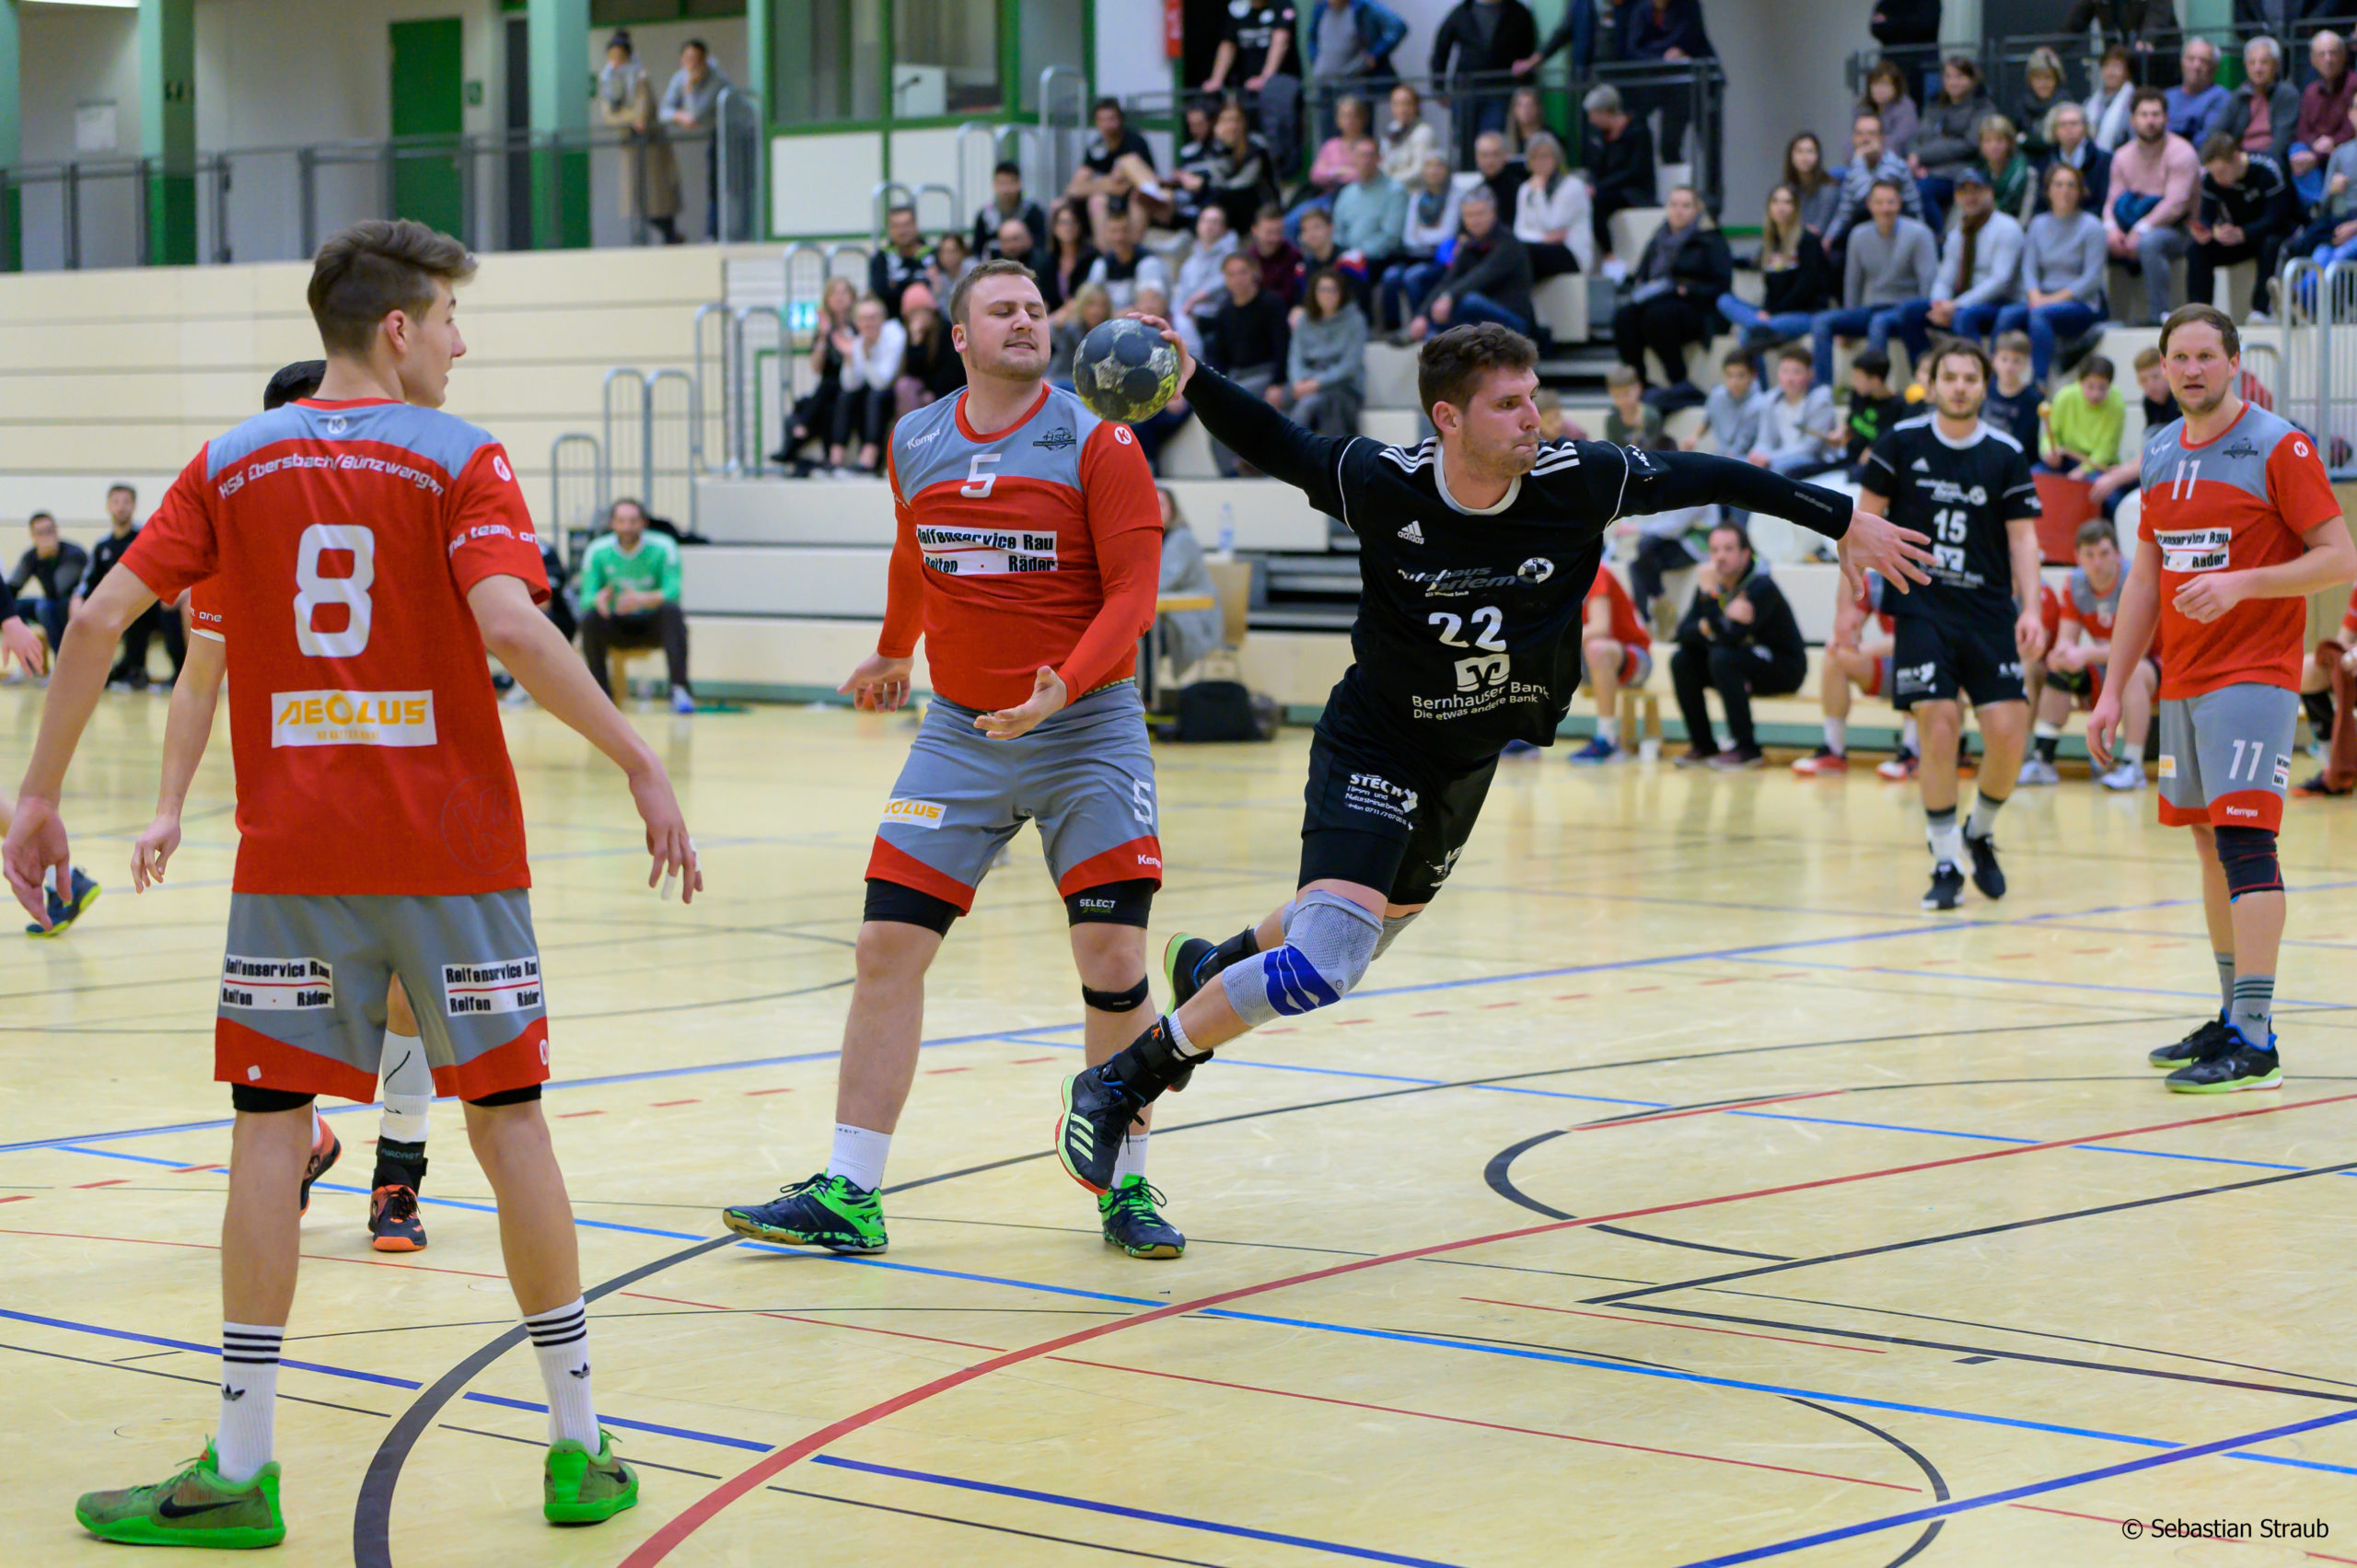 EK Bernhausen - HSG Eber/Bünz: Lukas Gönner trifft zum 19:13